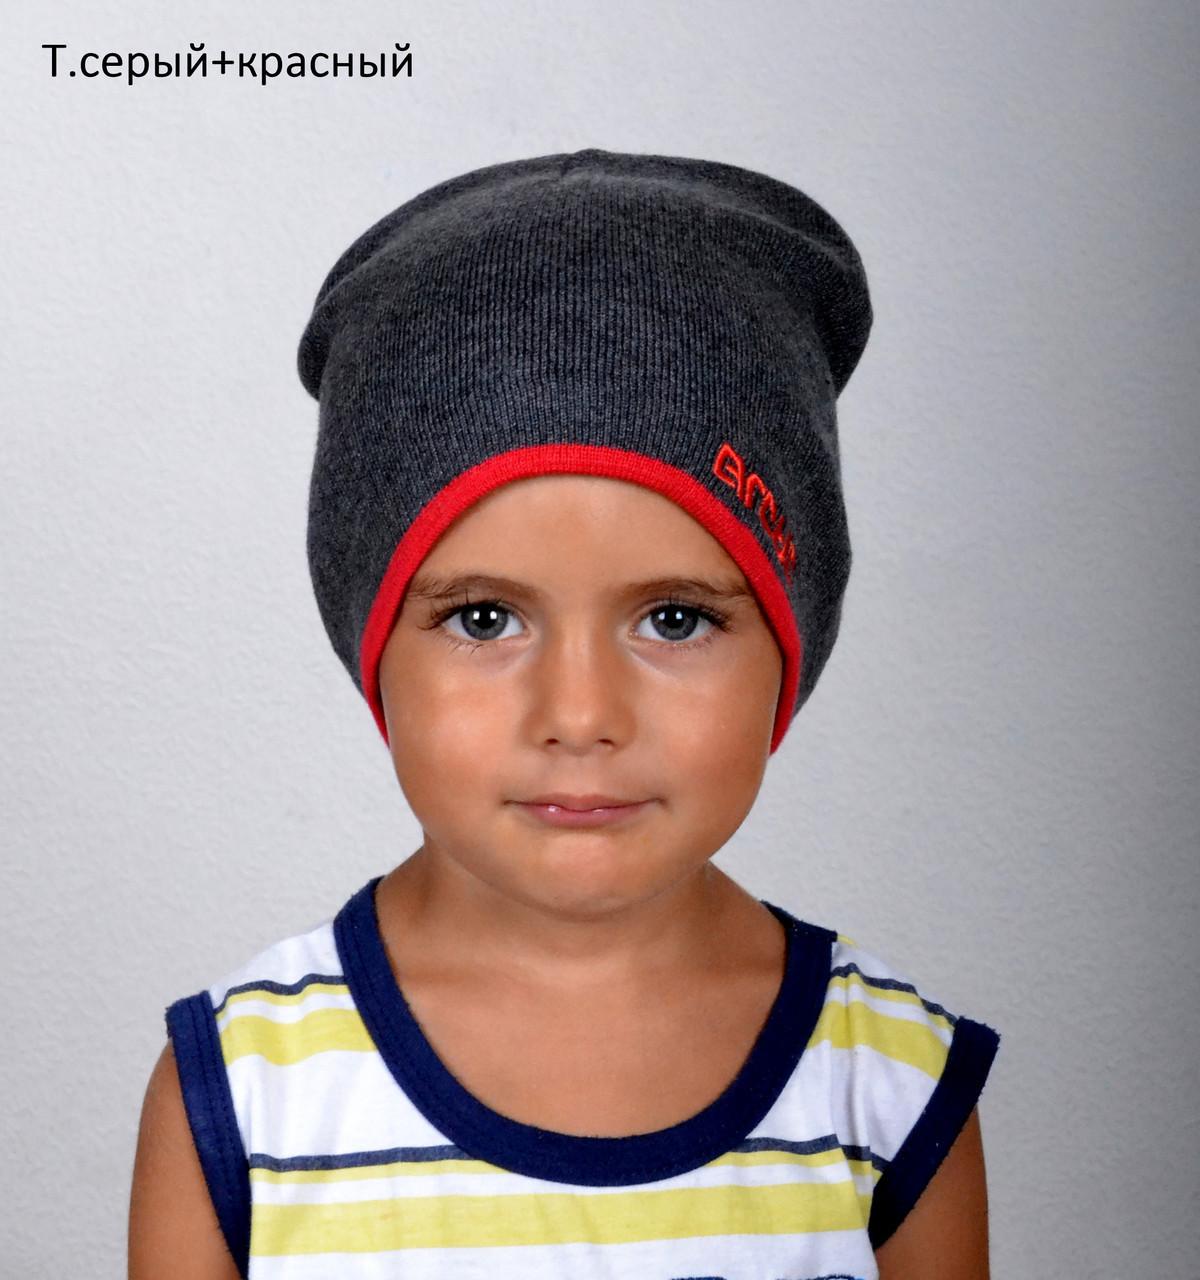 Модная шапка для девочек и мальчиков